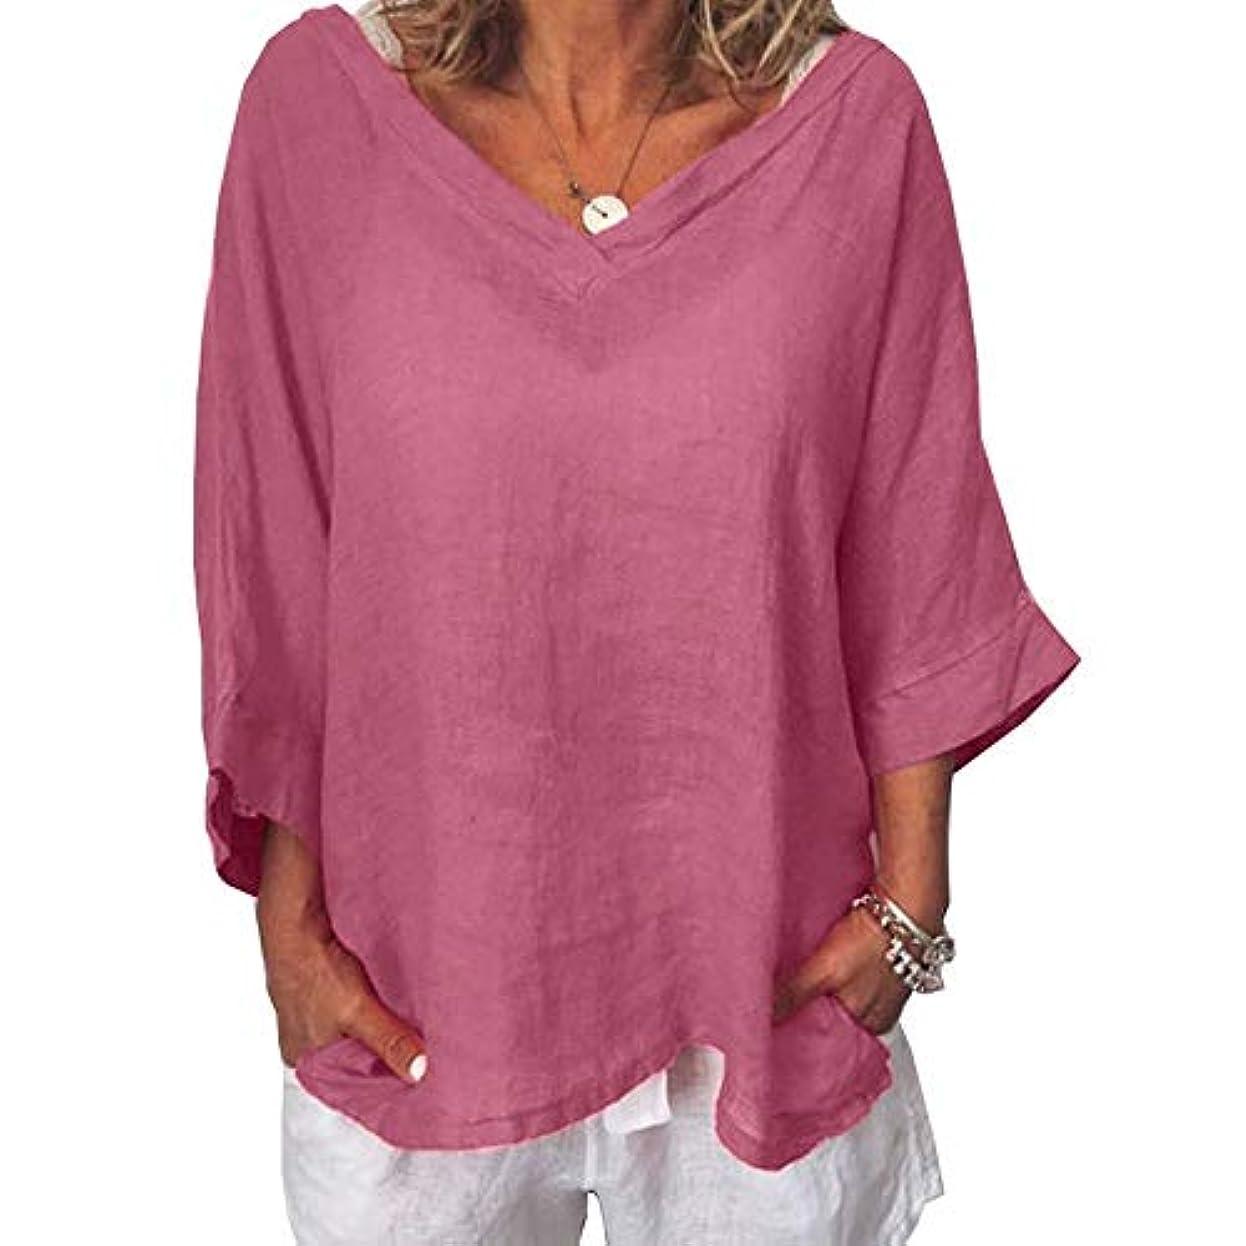 オーガニックソーセージ本MIFAN女性ファッションカジュアルVネックトップス無地長袖Tシャツルーズボヘミアンビーチウェア